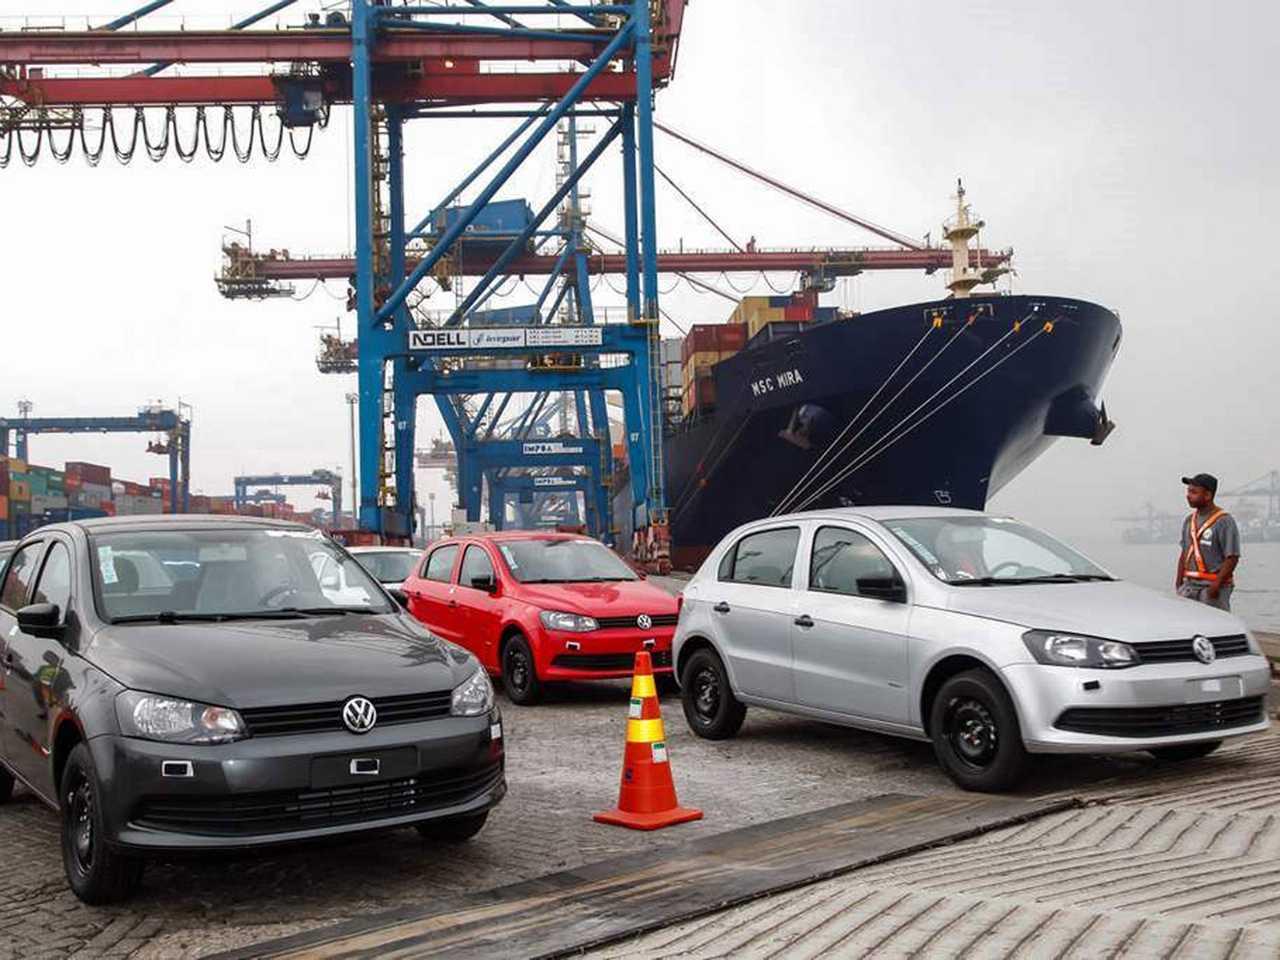 Exportações da indústria automotiva brasileira vão cair em 2019